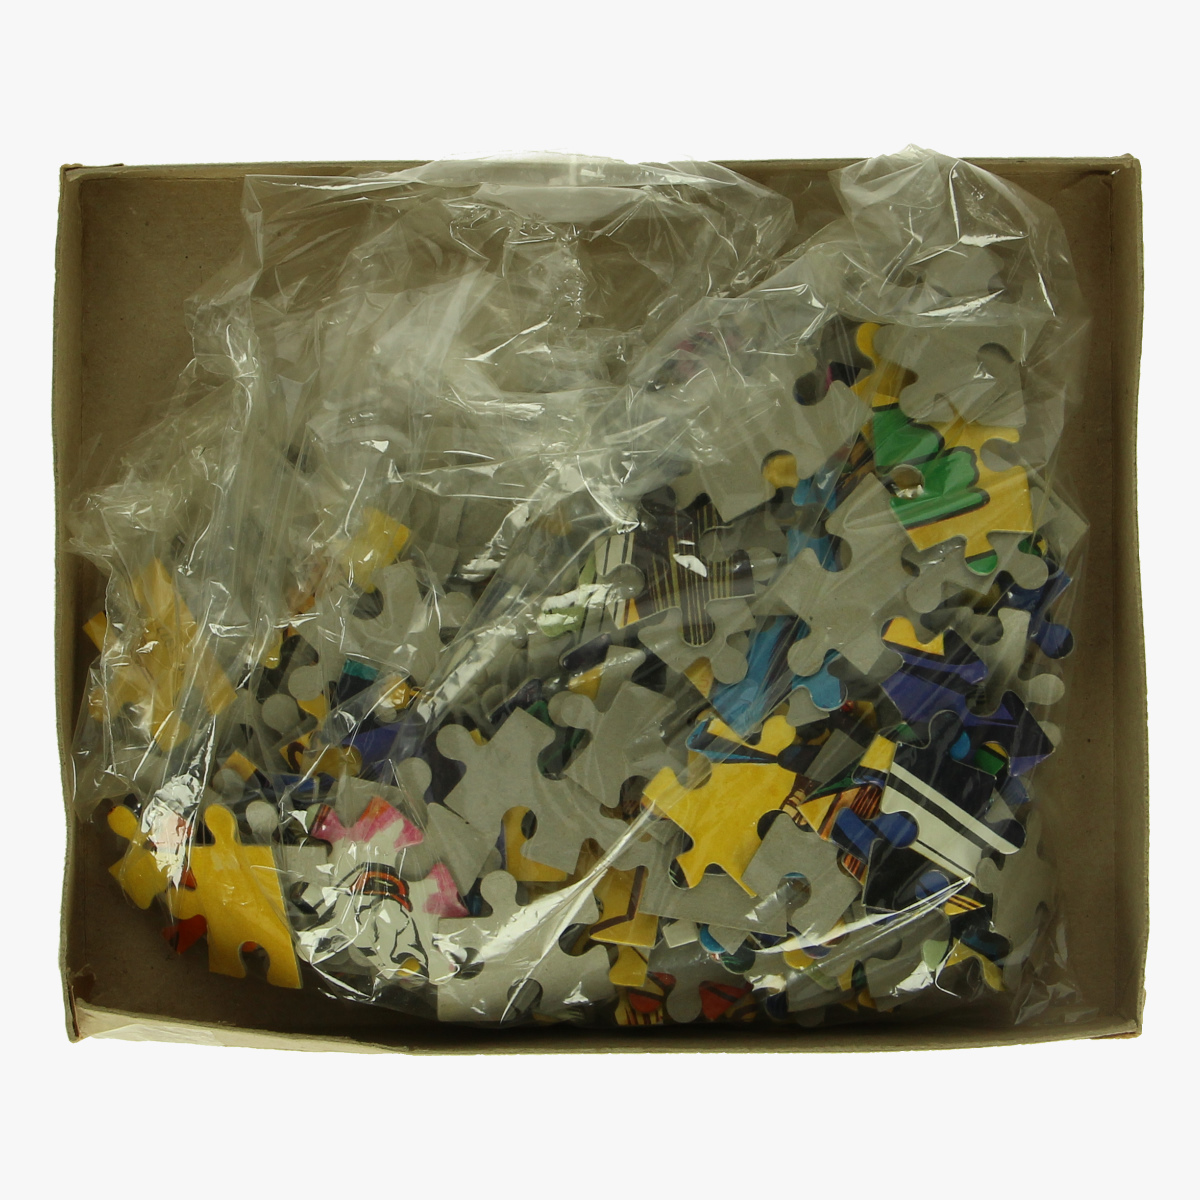 Afbeeldingen van puzzel batman 1977 made in engeland